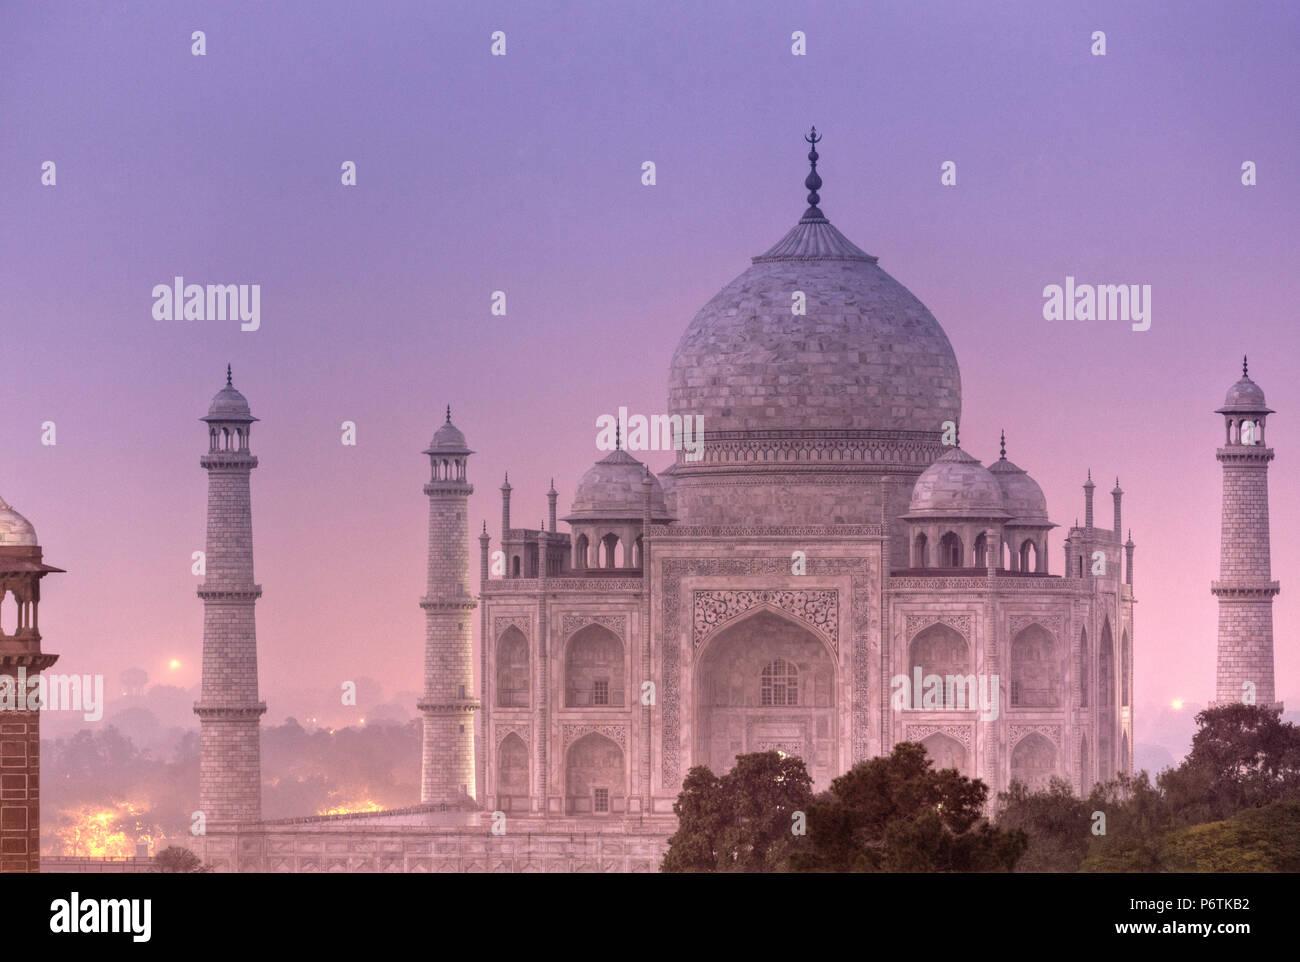 La India, Uttar Pradesh, Agra, Taj Mahal (sitio de la UNESCO), en una noche de luna llena Imagen De Stock